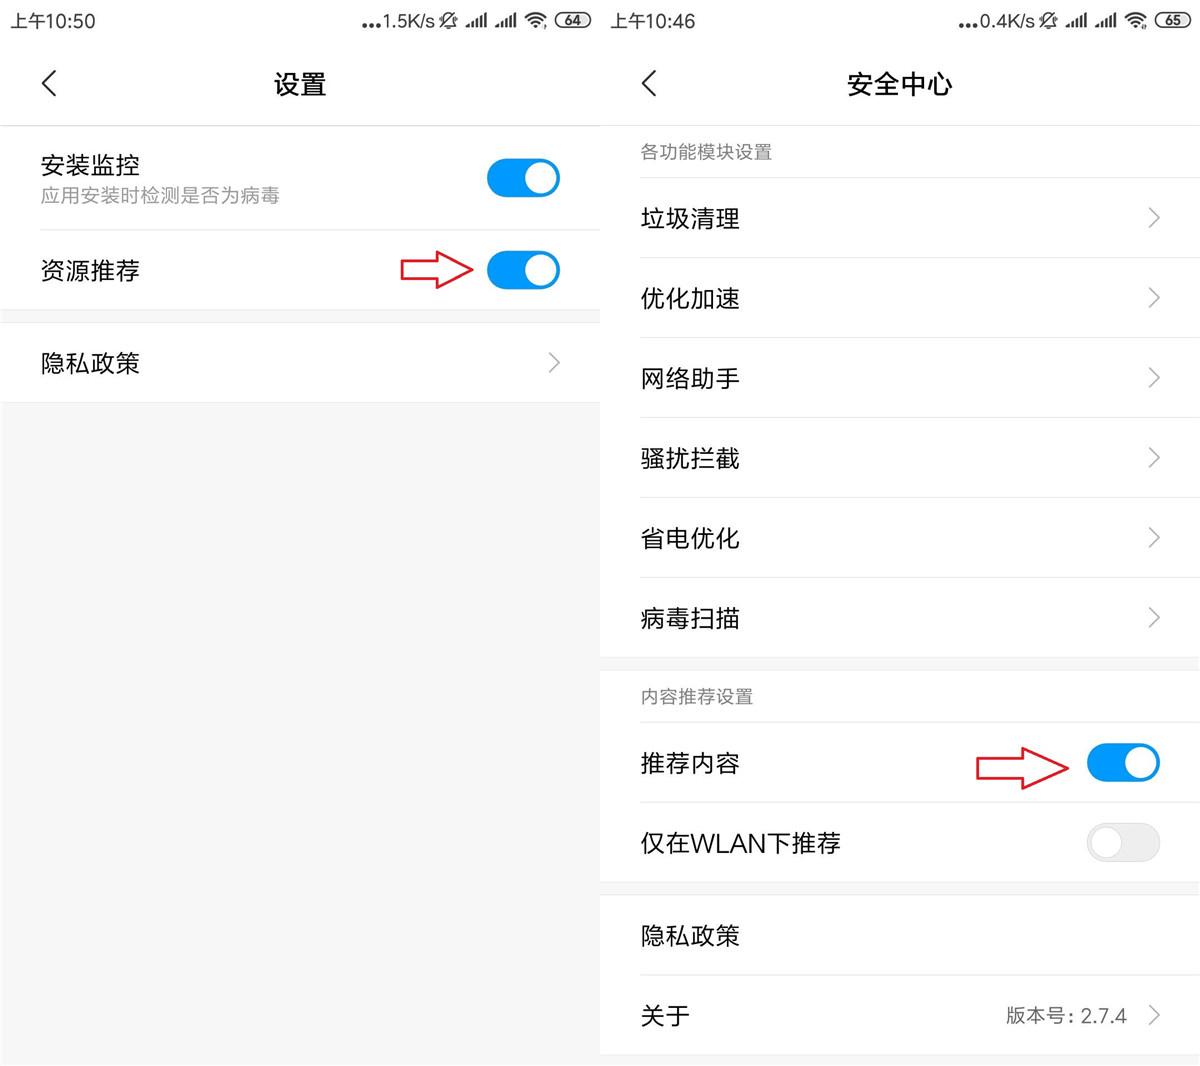 小米系列手机MIUI关闭广告教程